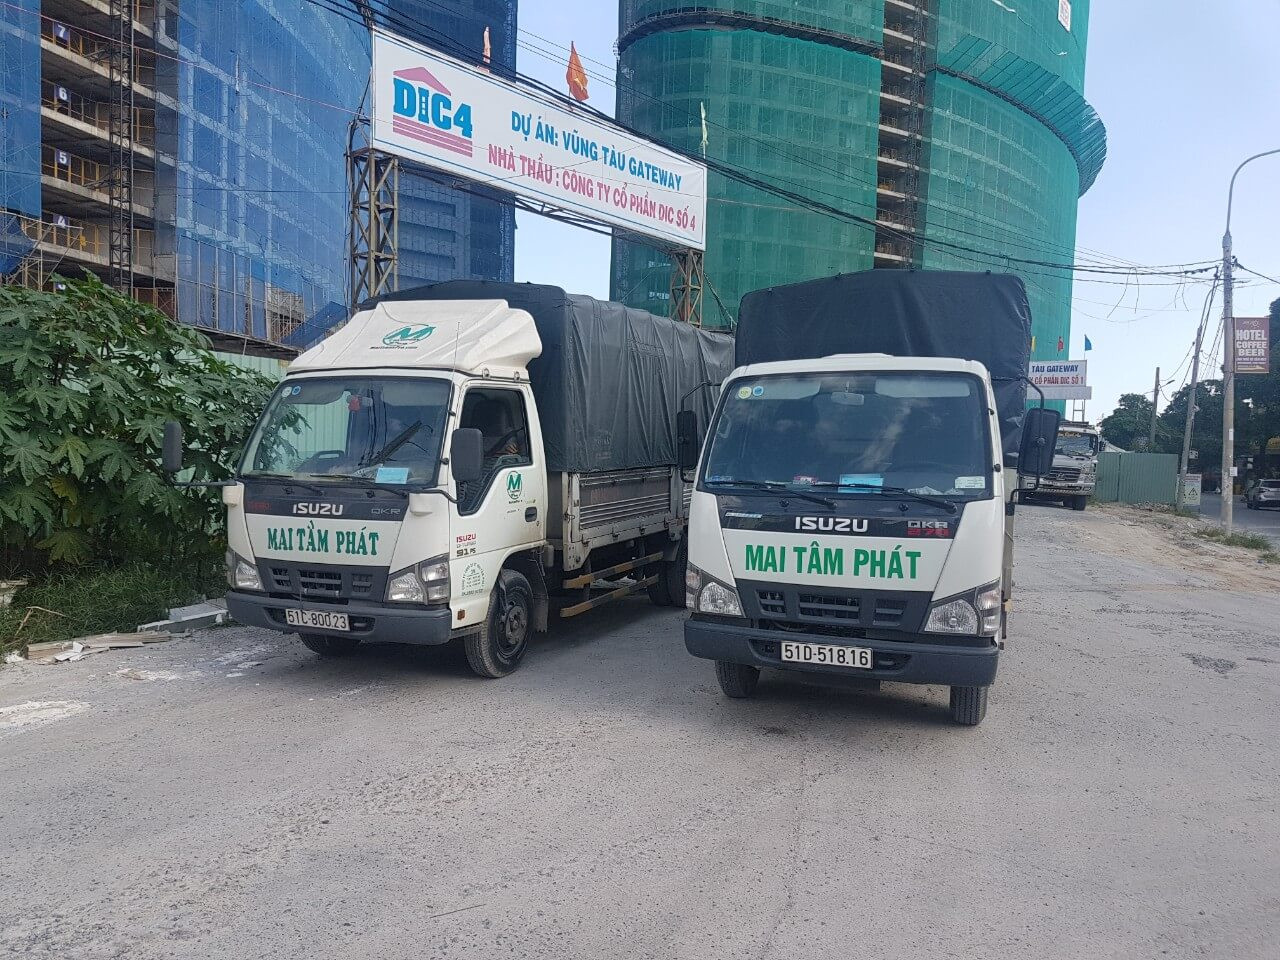 Ưu điểm khi chọn Mai Tâm Phát là đơn vị vận chuyển hàng ghép